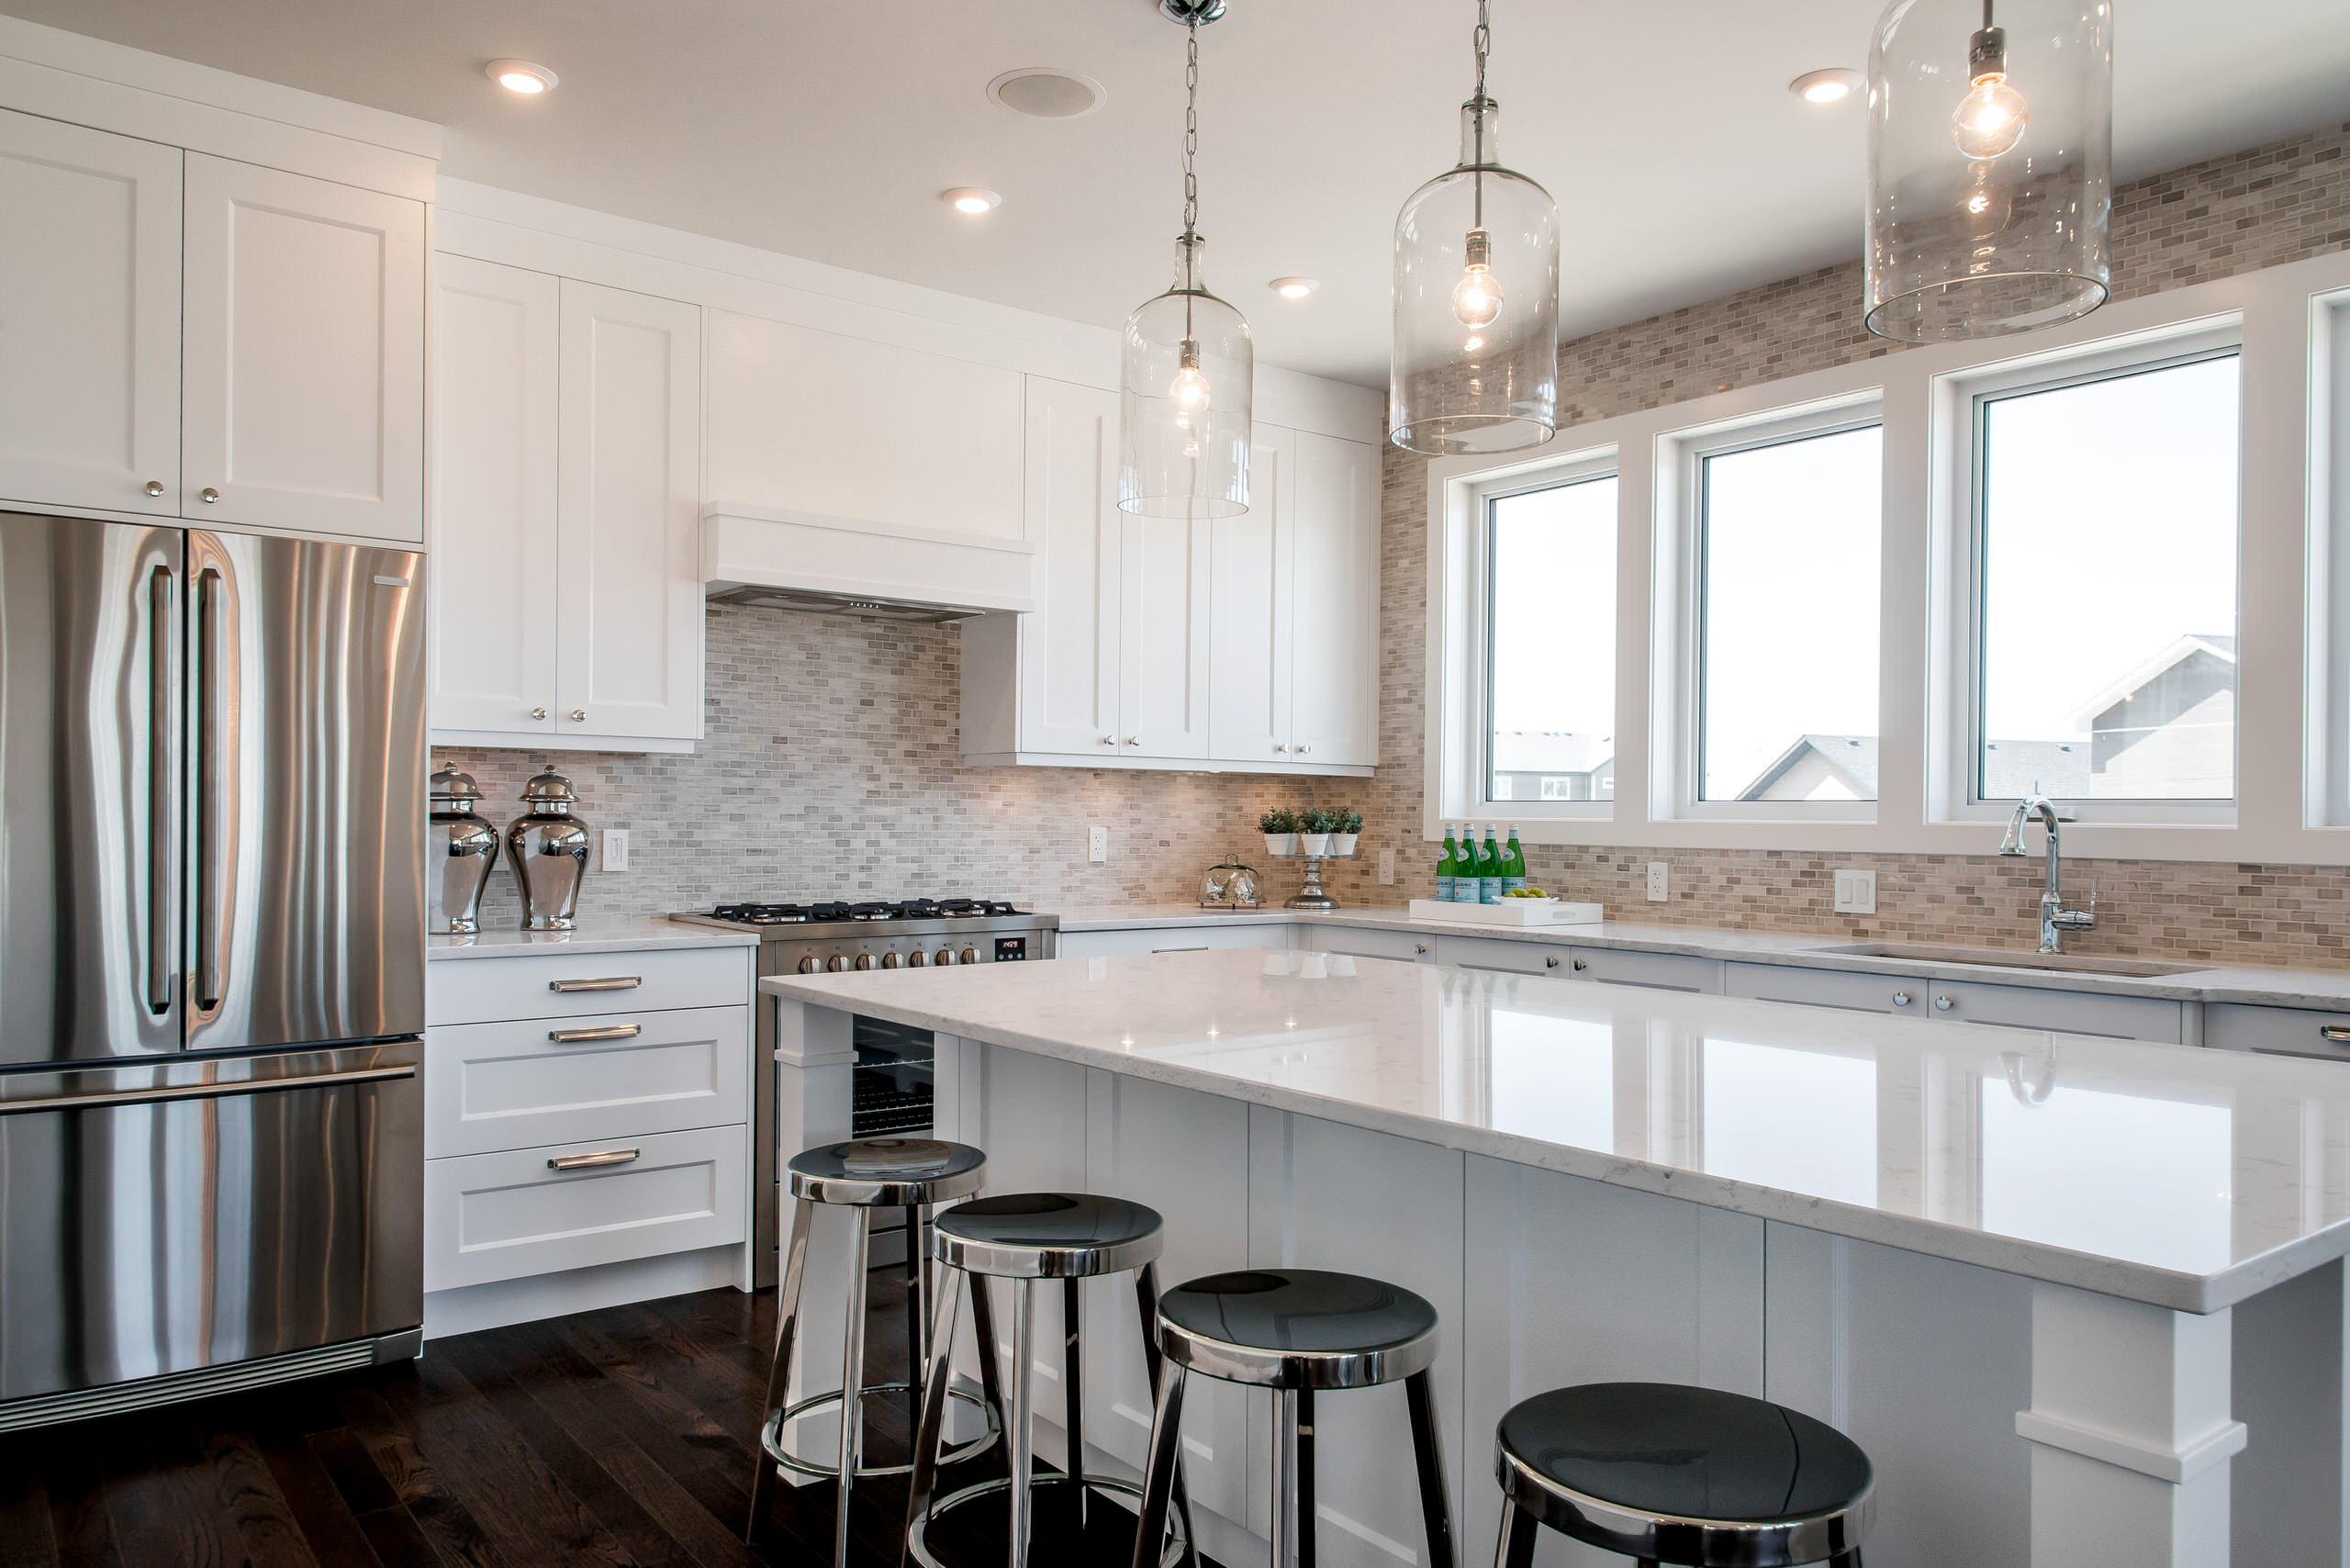 选择防水,防火的材料制成的台面,在使用厨房的时候也会非常方便和安全